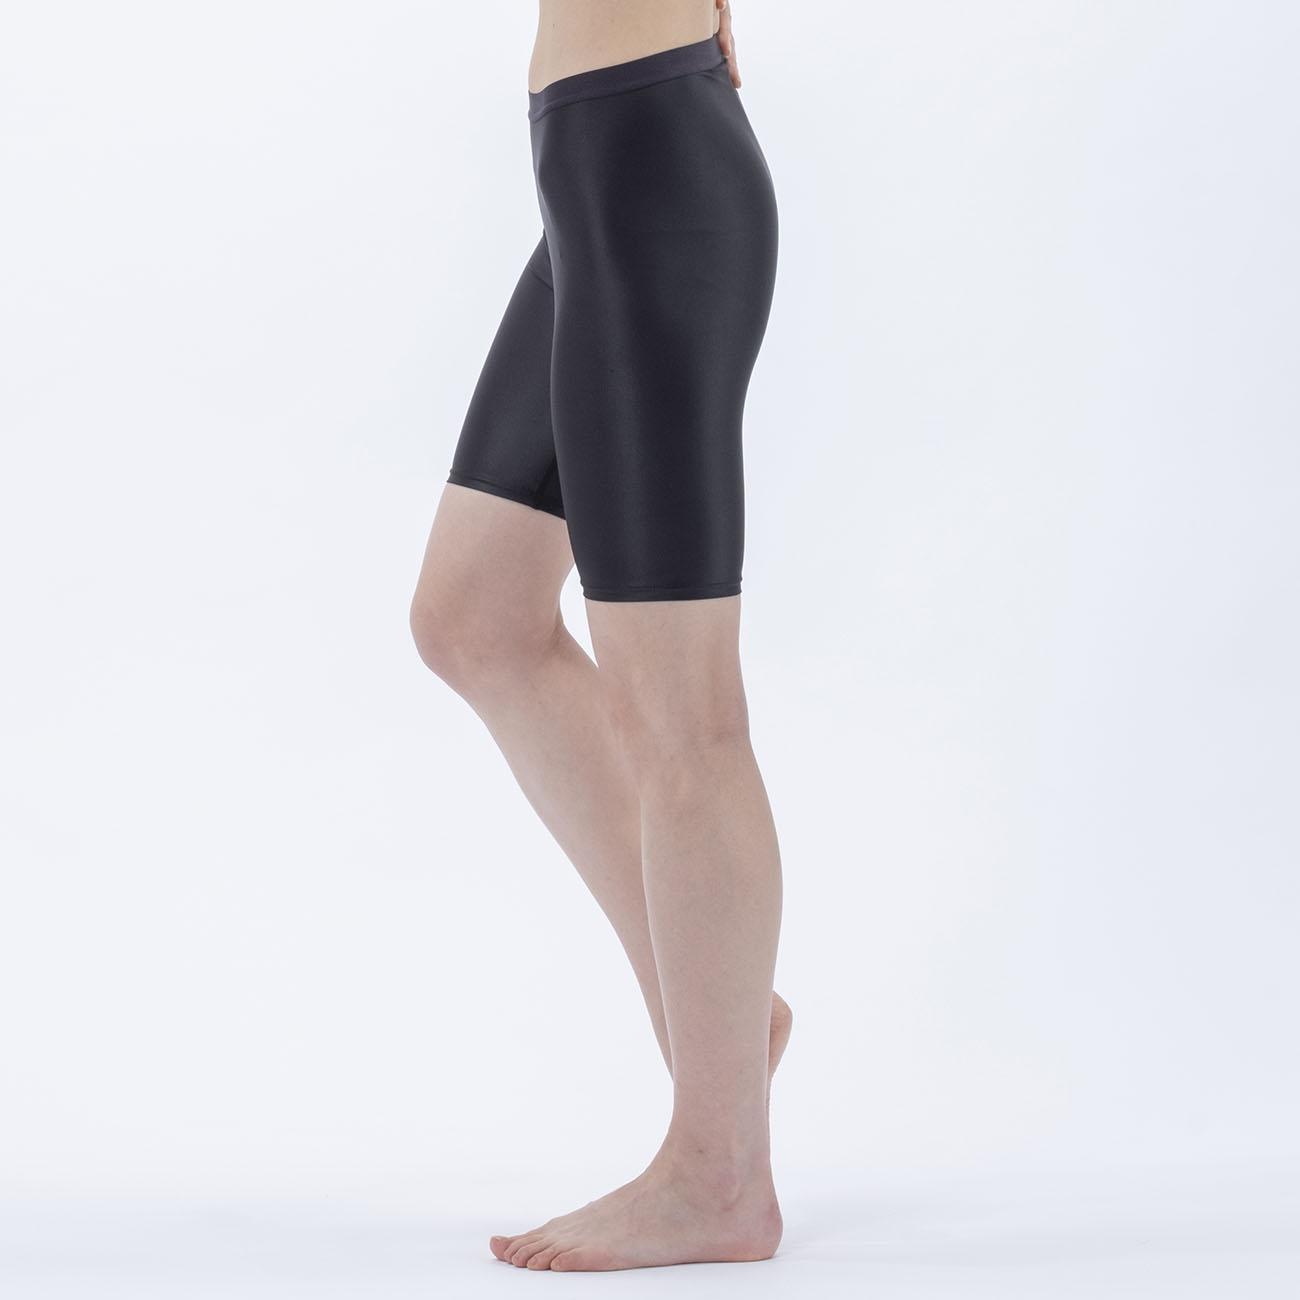 Janestyle(ジェーンスタイル)マルチレイヤードスパッツ5分丈 ブラック